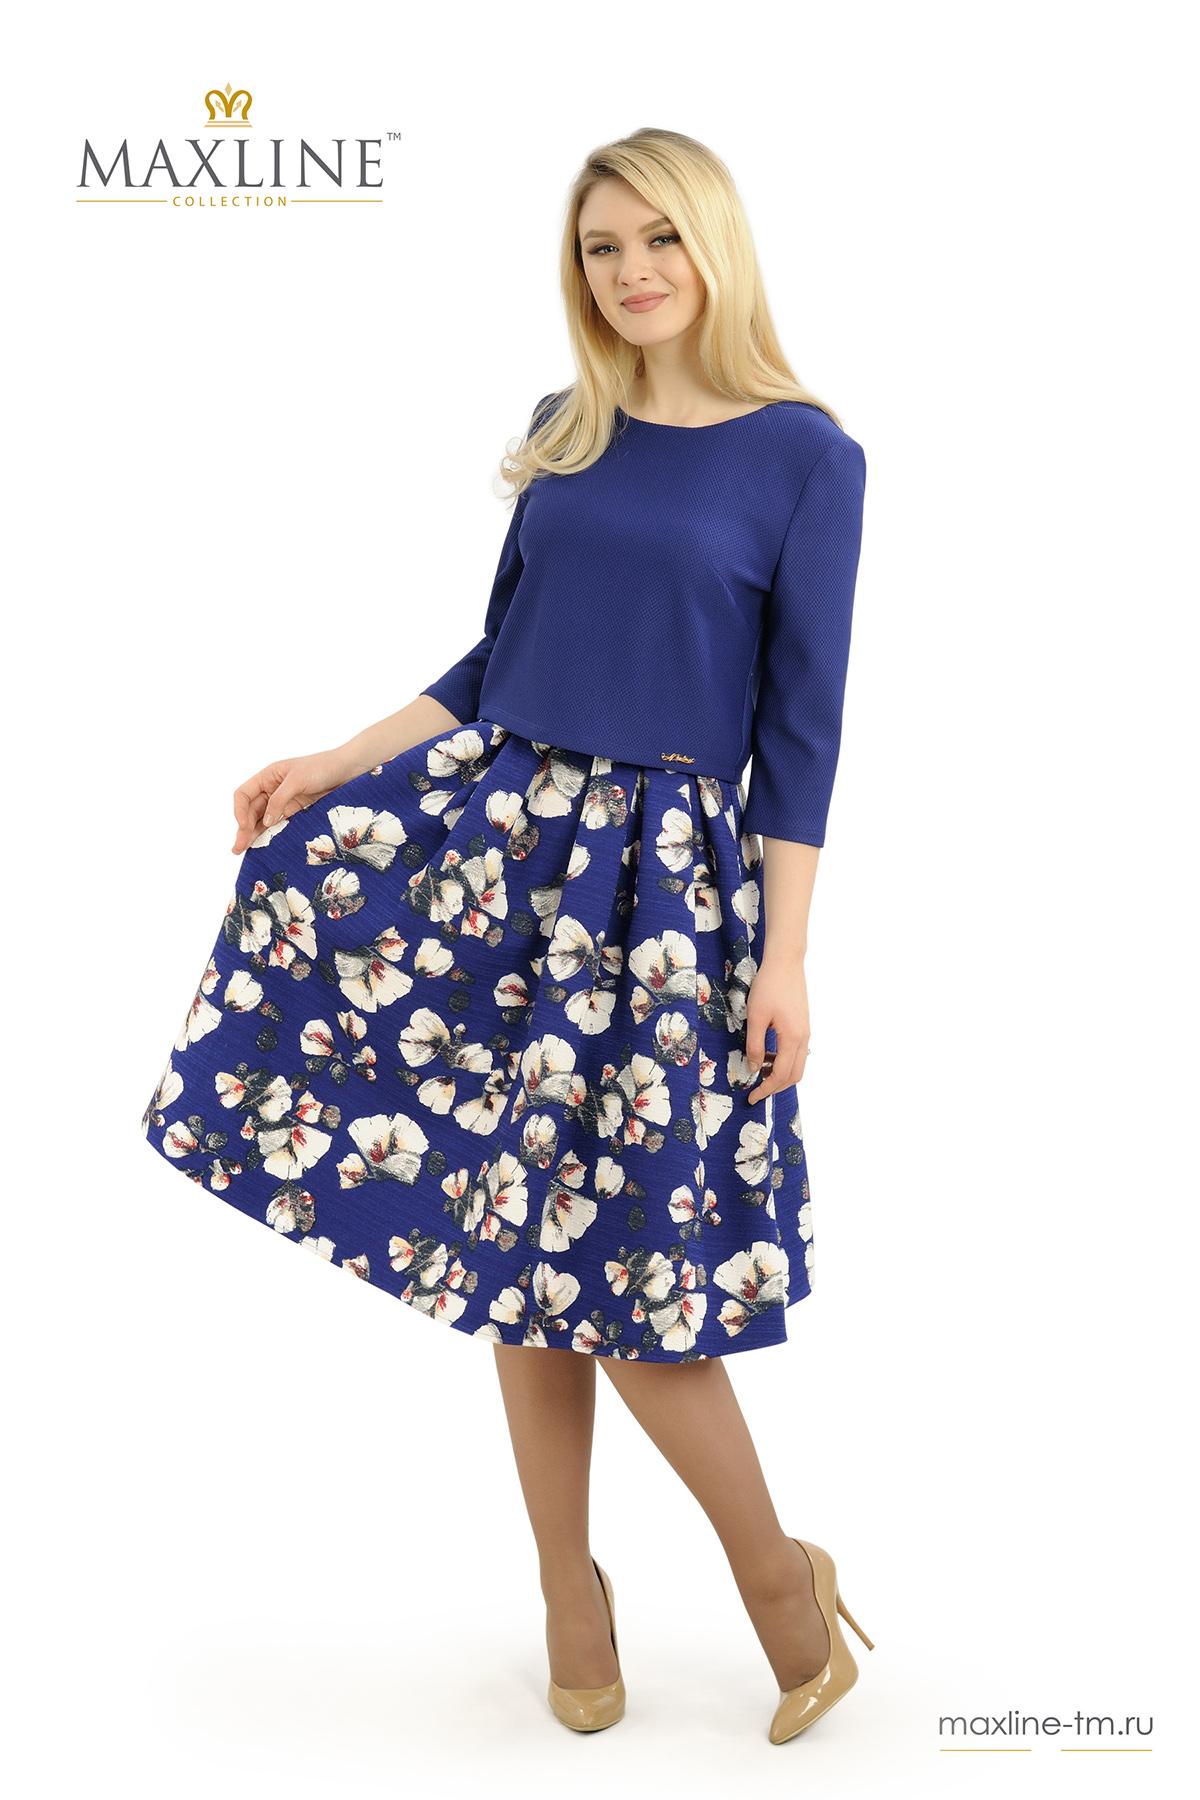 СТОП был!Сбор заказов. 3.Женская одежда из Киргизии: платья, костюмы, блузки. Костюмы от 947 руб, платья от 541 руб, блузки от 501 рубля. Размеры от 44 до 64. Не пропустите!